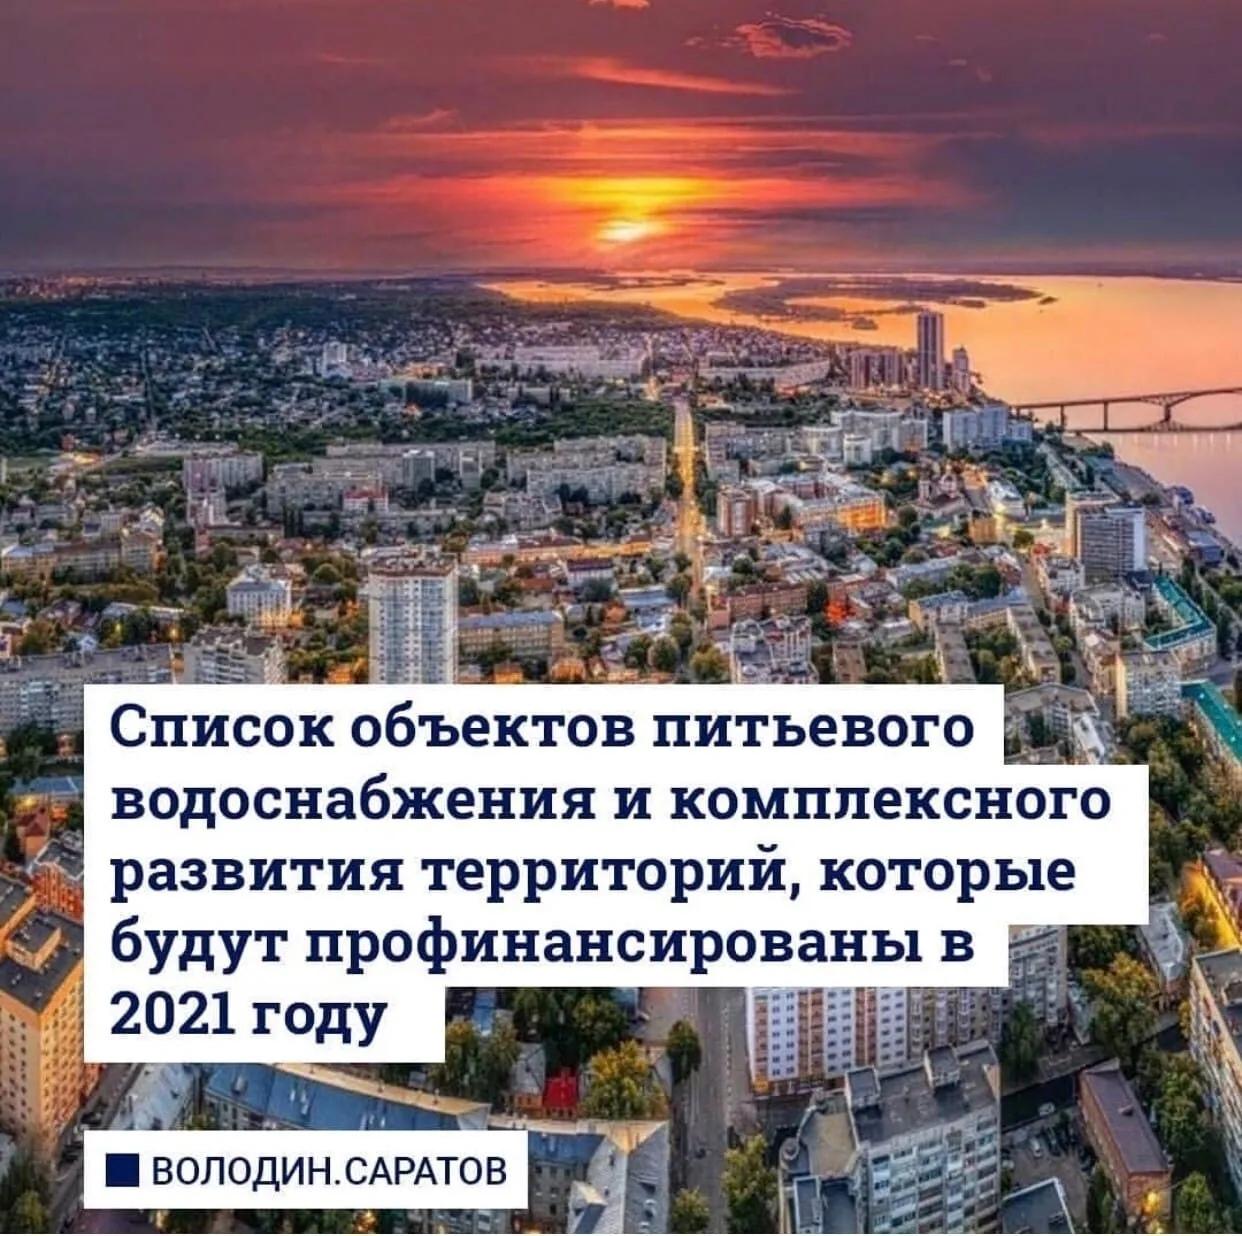 В инстаграм-аккаунте сторонников Вячеслава Володина опубликован список региональных объектов, которые будут профинансированы в рамках федеральных программ в 2021 году